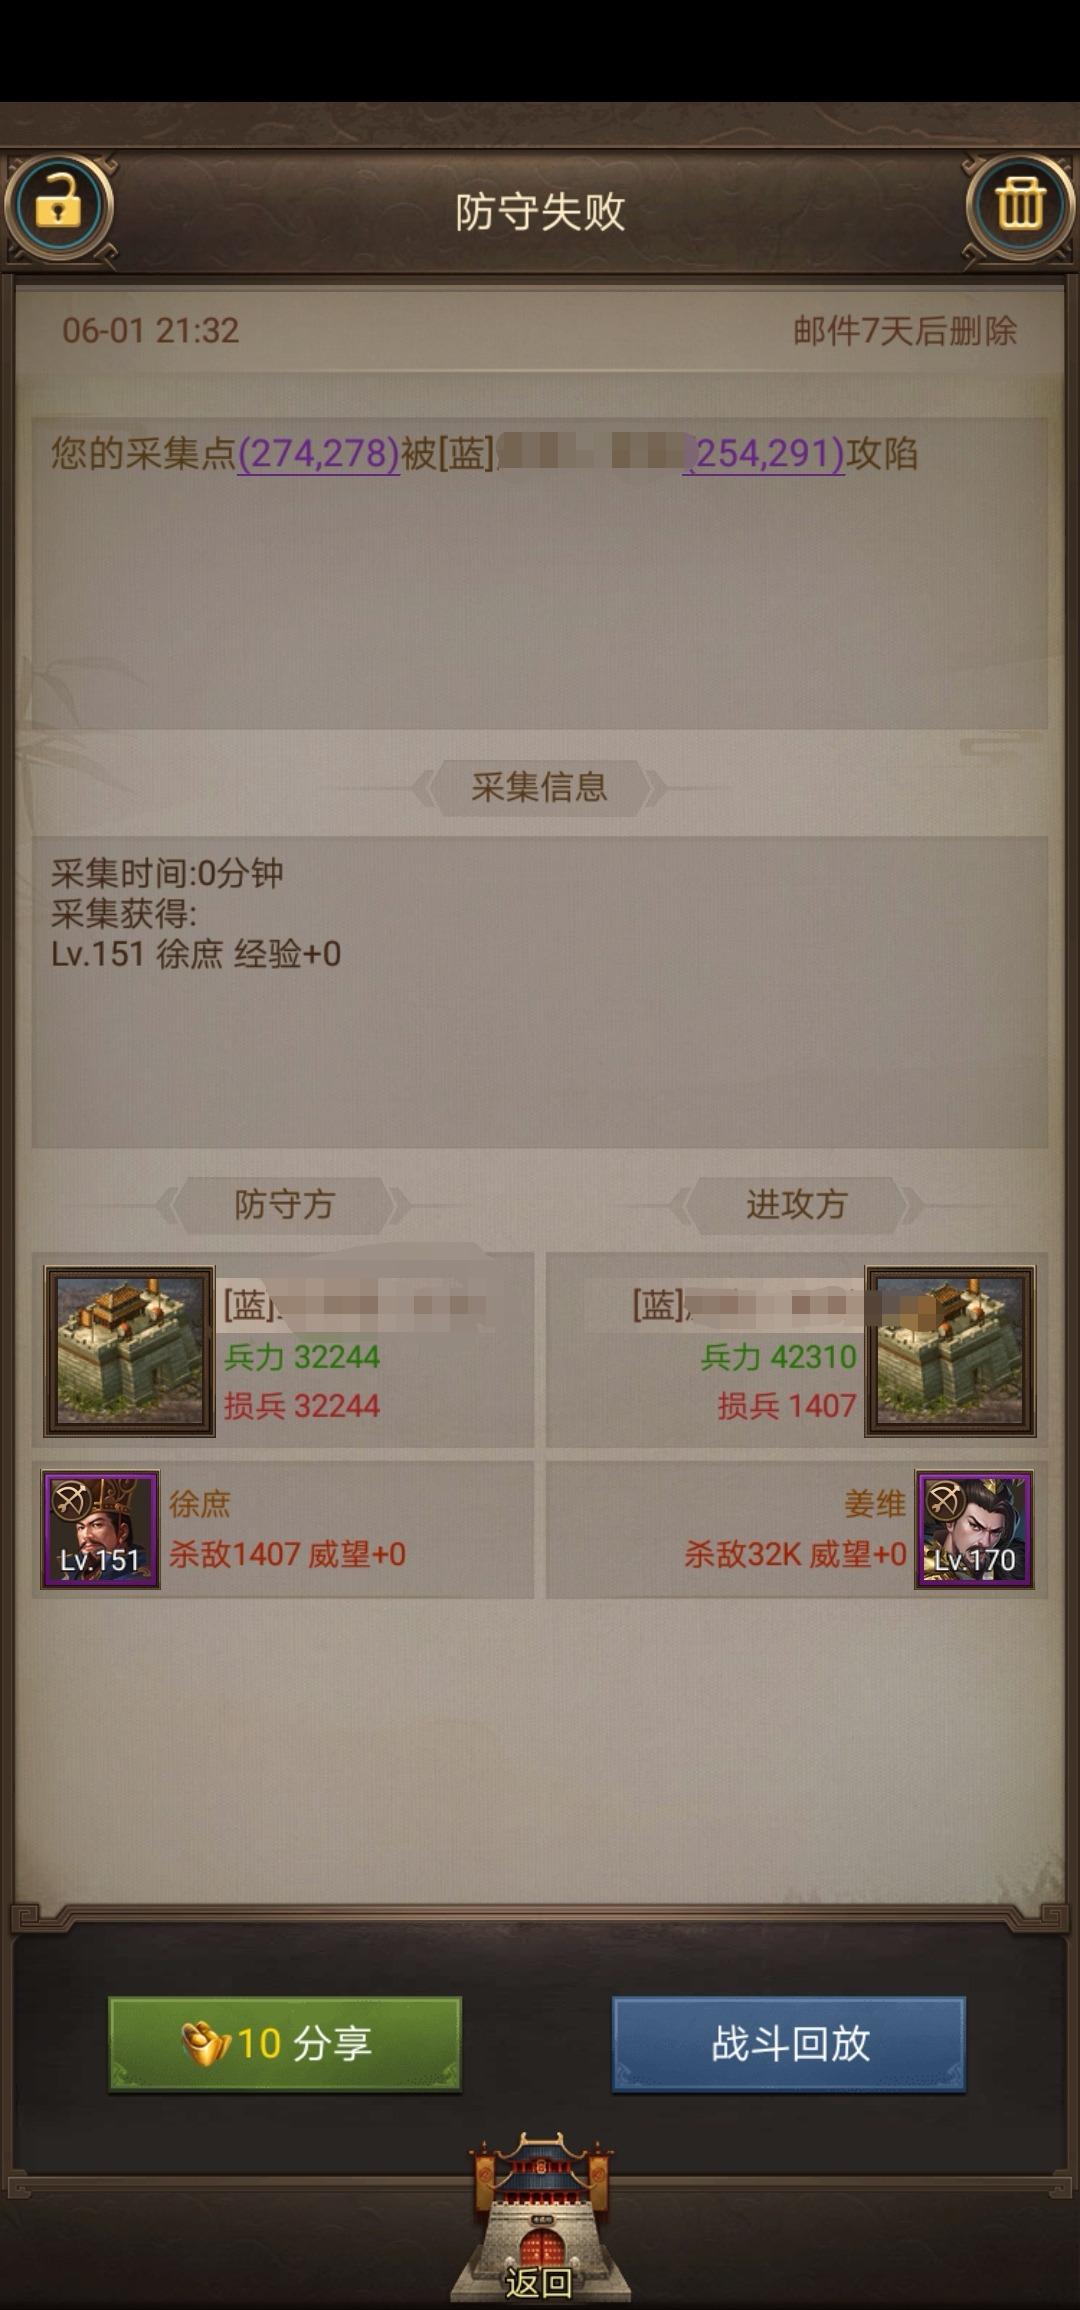 Screenshot_20190601_225059.jpg